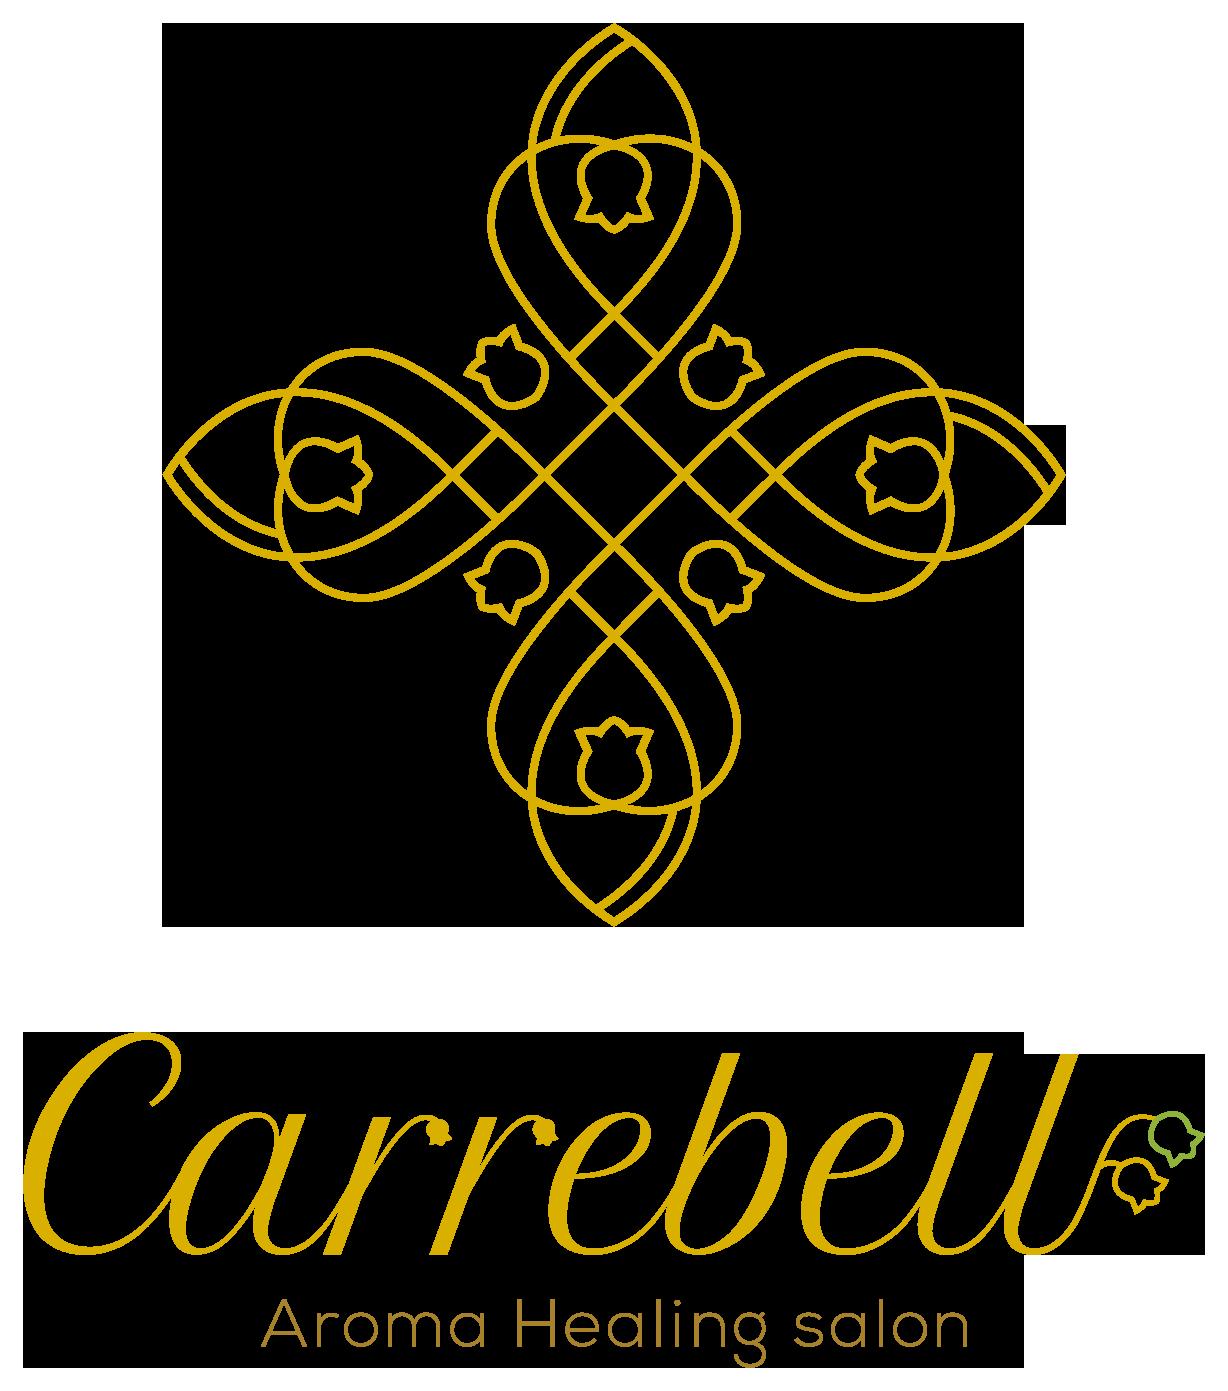 美容室/理髪店/美容系サロンと高級感/気品と黄のロゴ